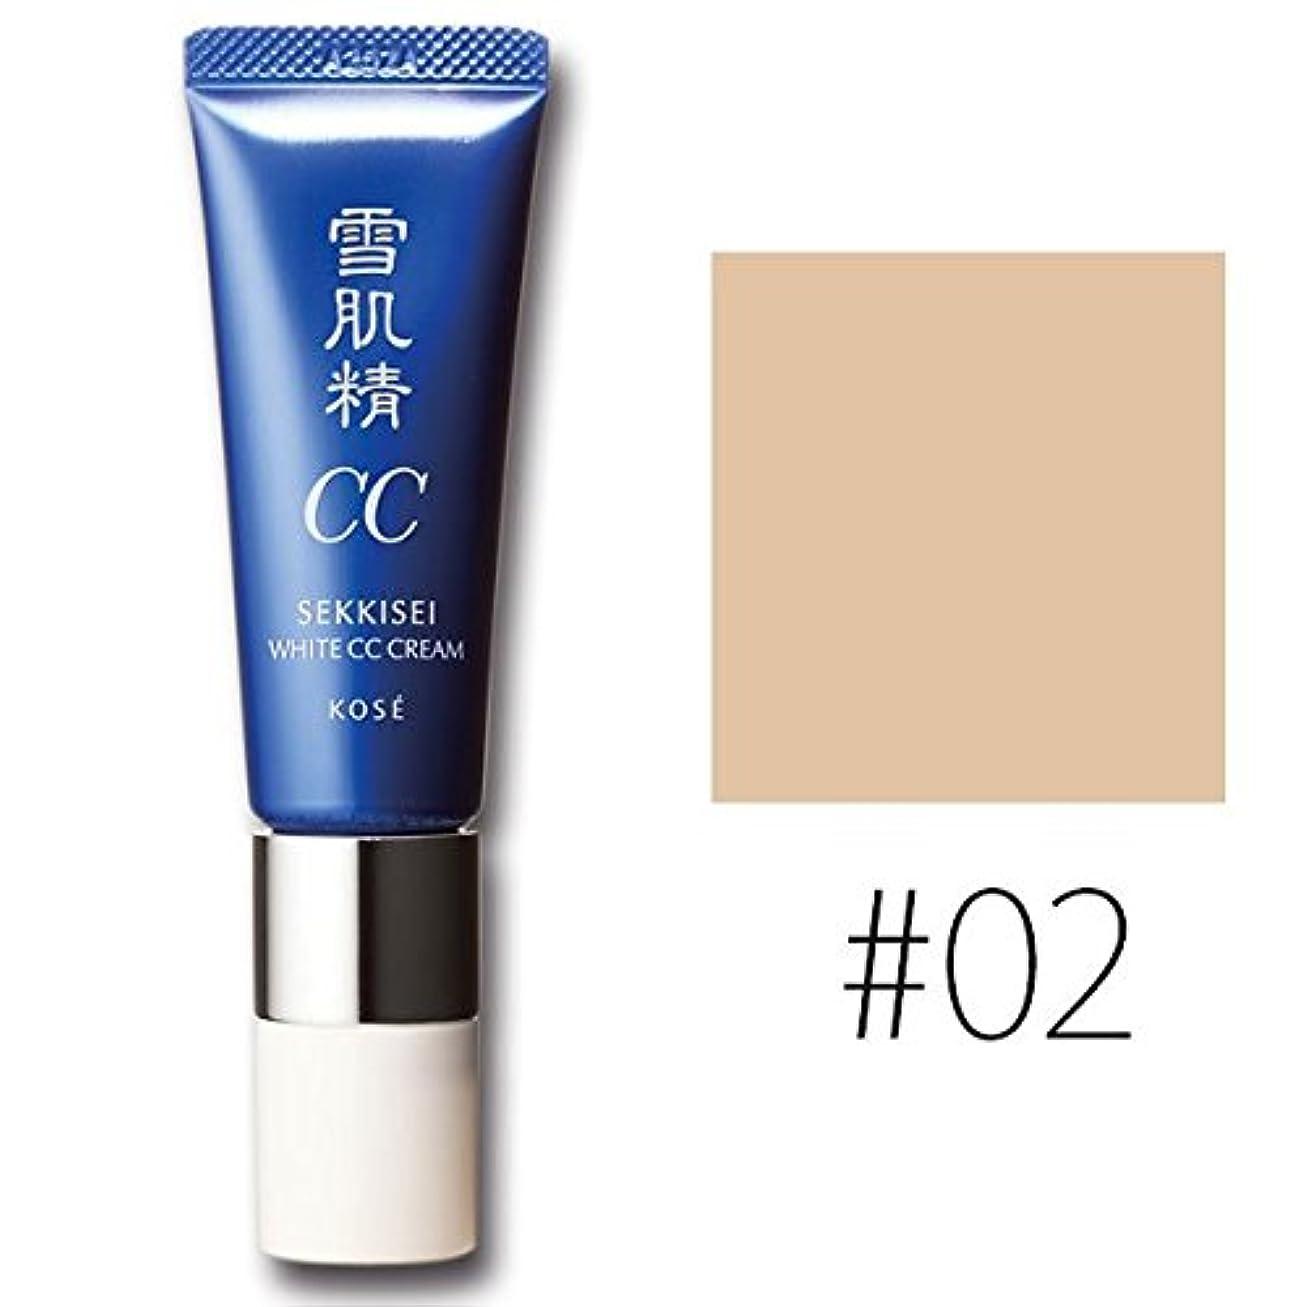 振る舞う容量等価コーセー 雪肌精 ホワイト CCクリーム【#02】 #OCHRE SPF50+/PA++++ 30g